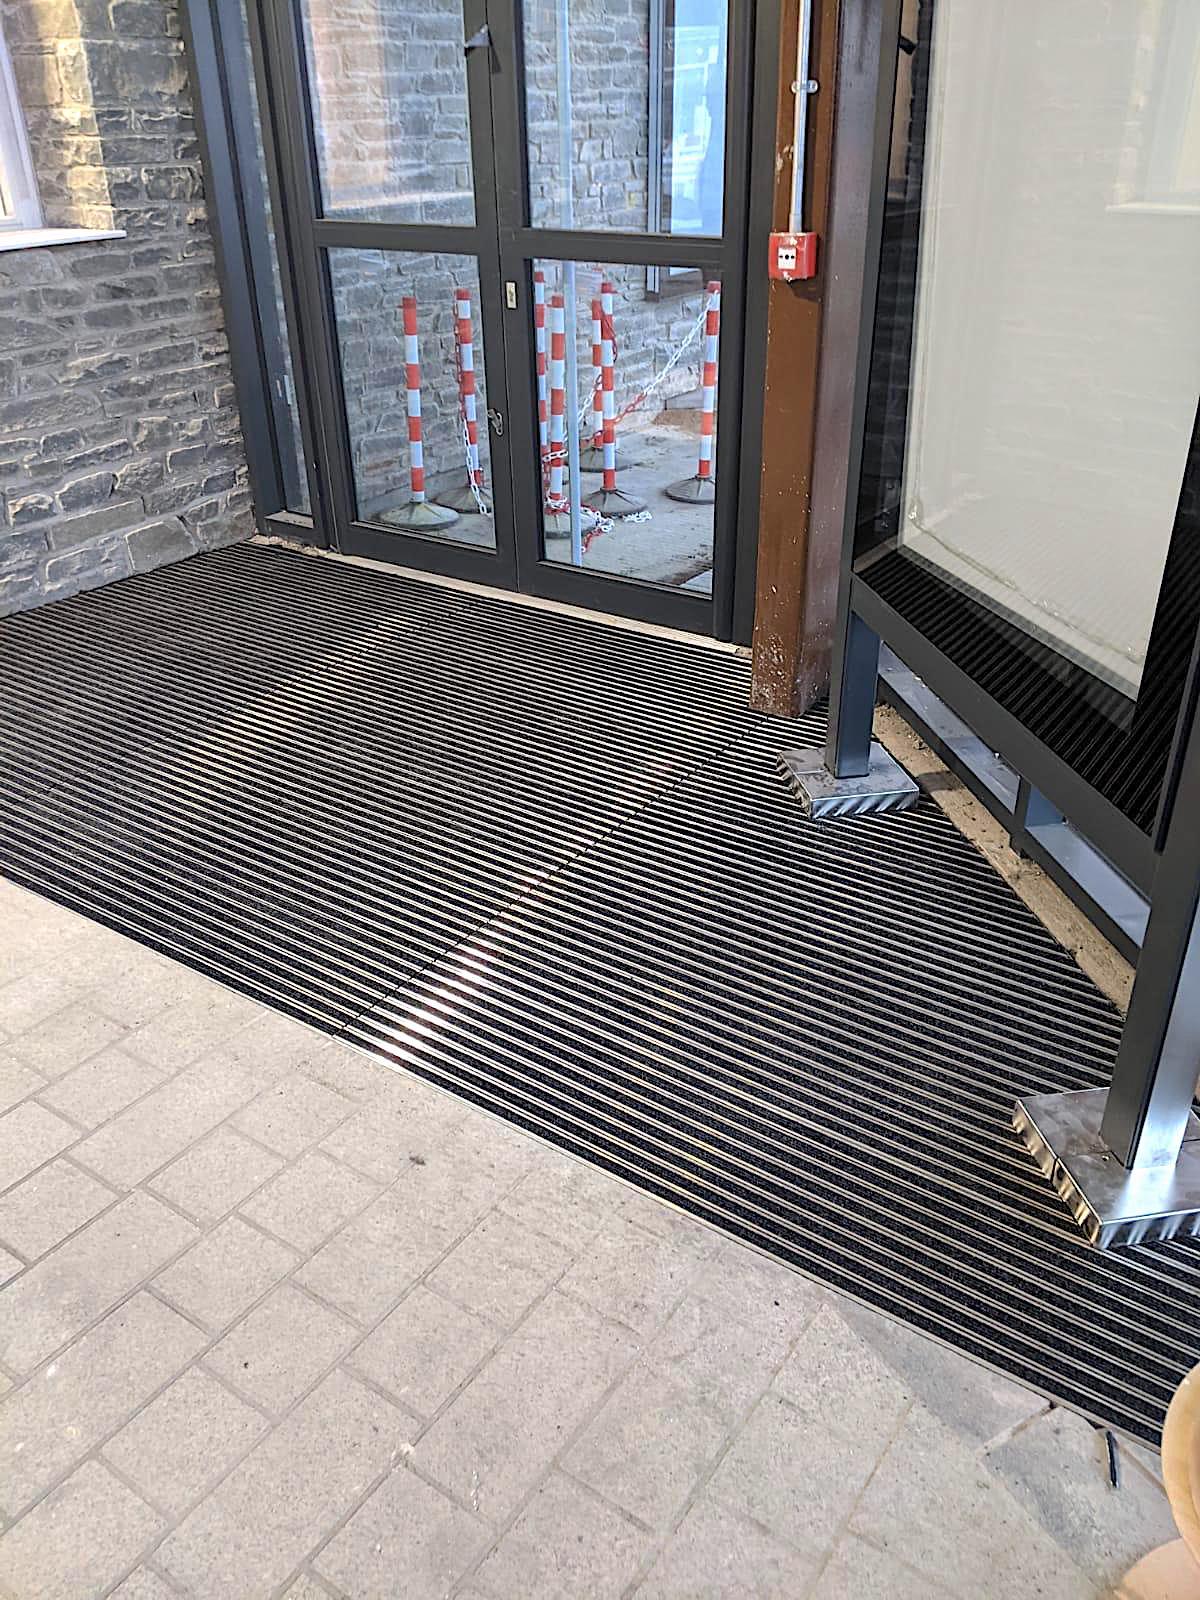 Merthyr Tydfil Bus Station Case Study